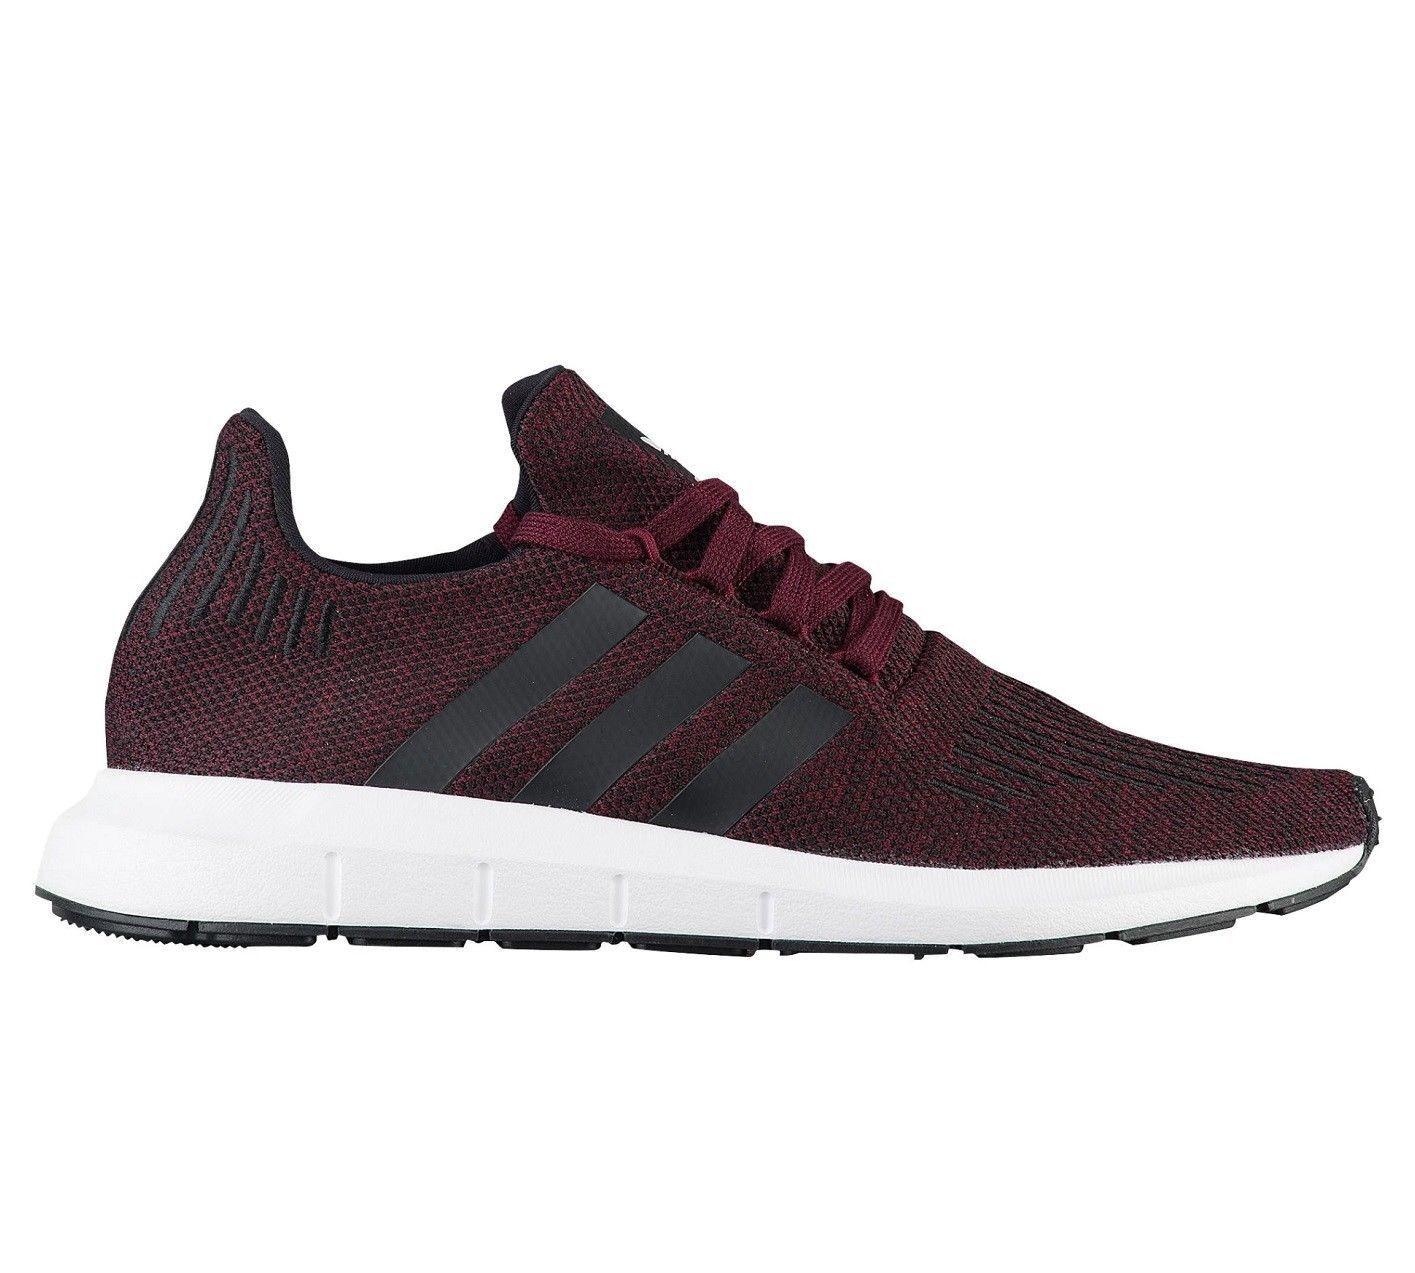 Nuovo * adidas ac8118 swift run Uomo scarpe ac8118 adidas amaranto bianco nero correre a maglia 48d6e4